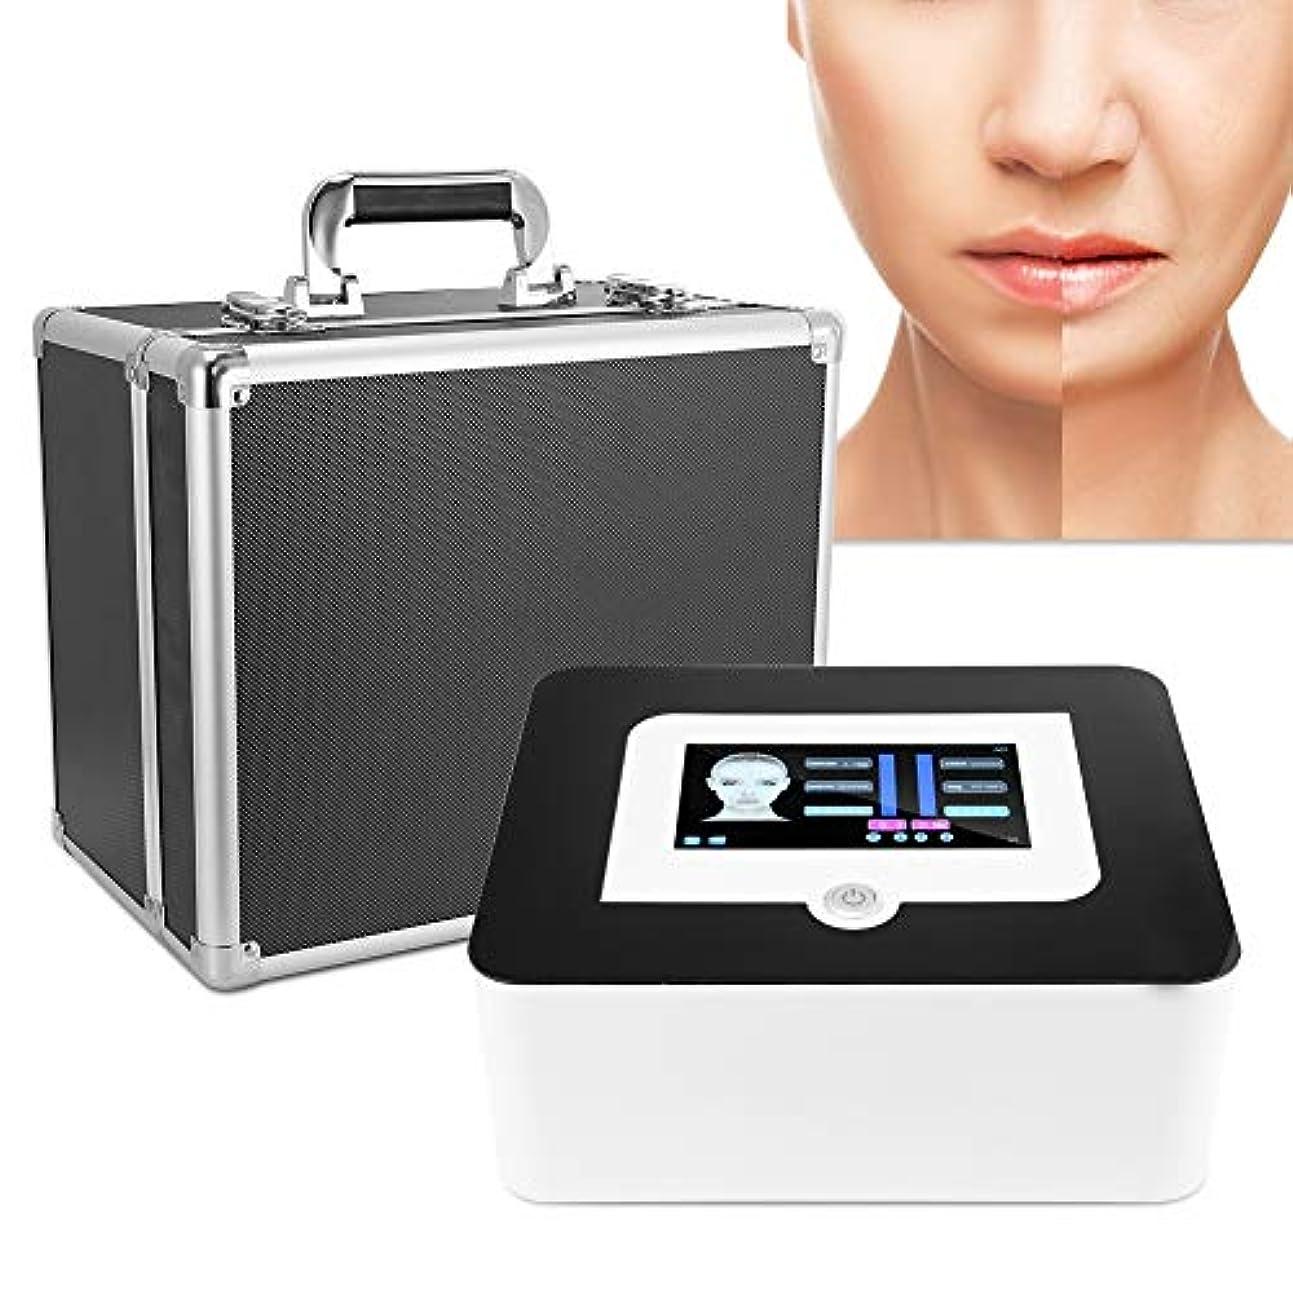 ひも期待する重大携帯用精密は美の器械、機械顔のきつく締まる機械を切り分けます(米国のプラグ)